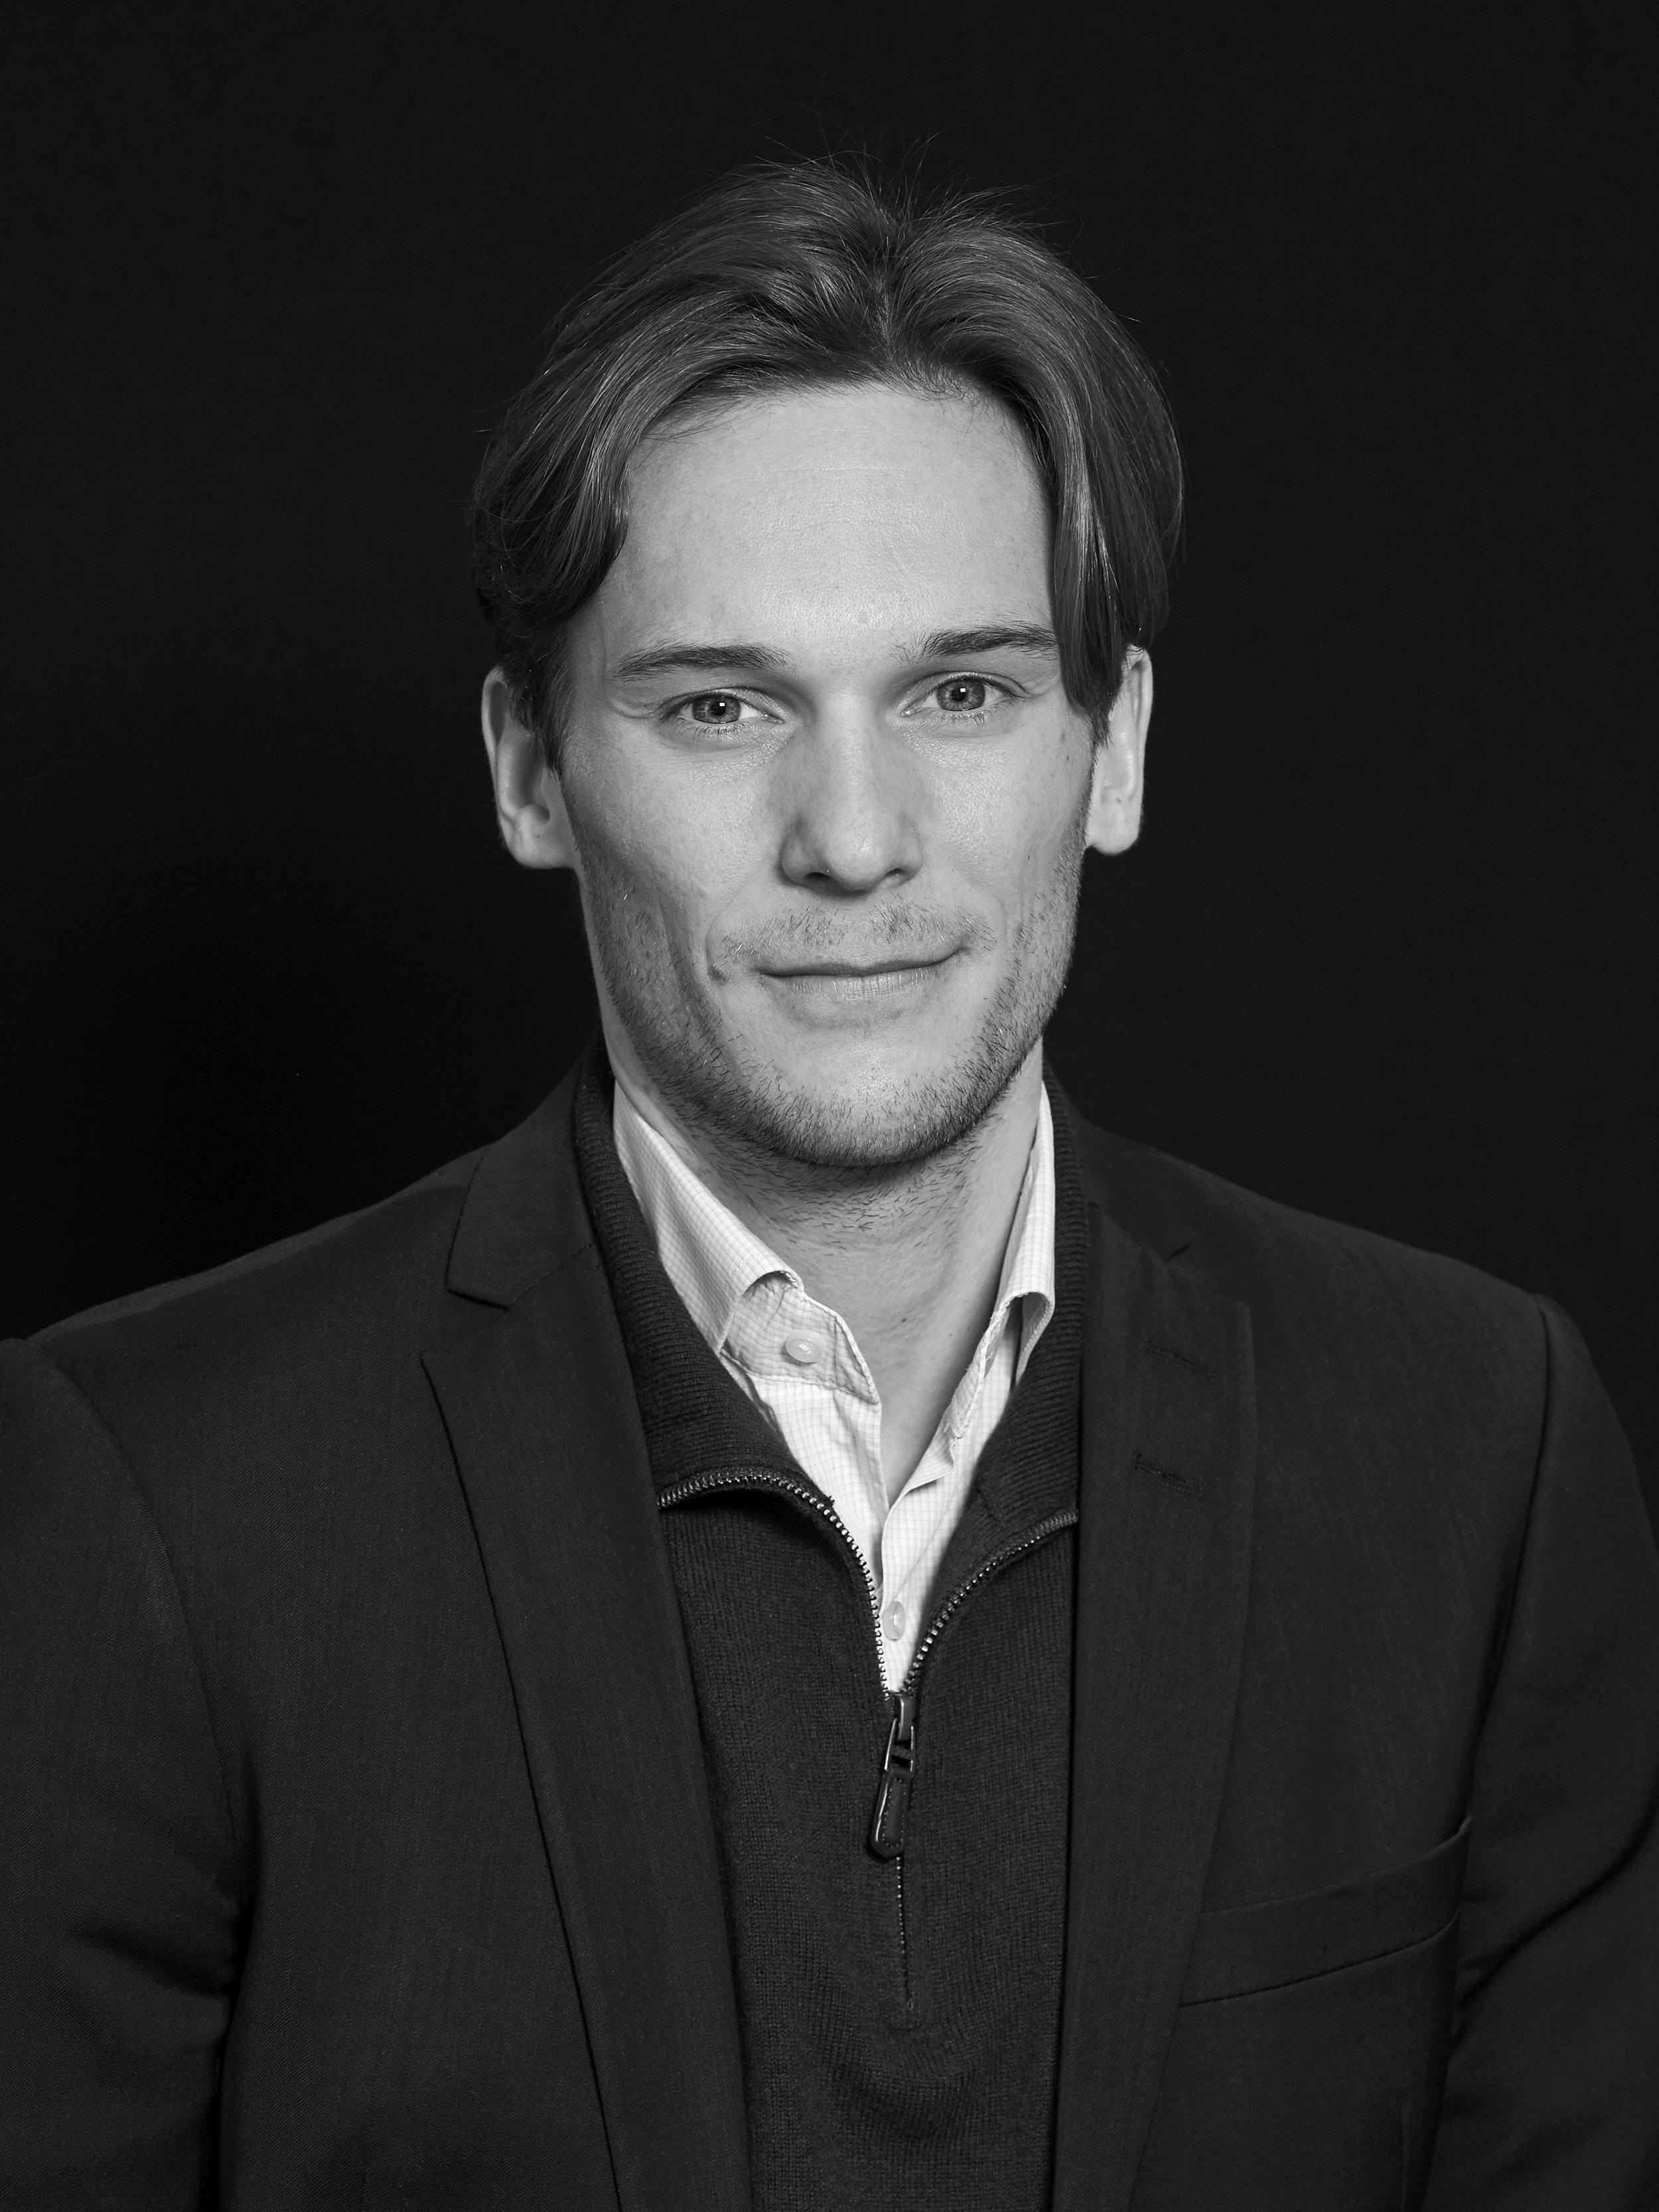 Stefan Elston